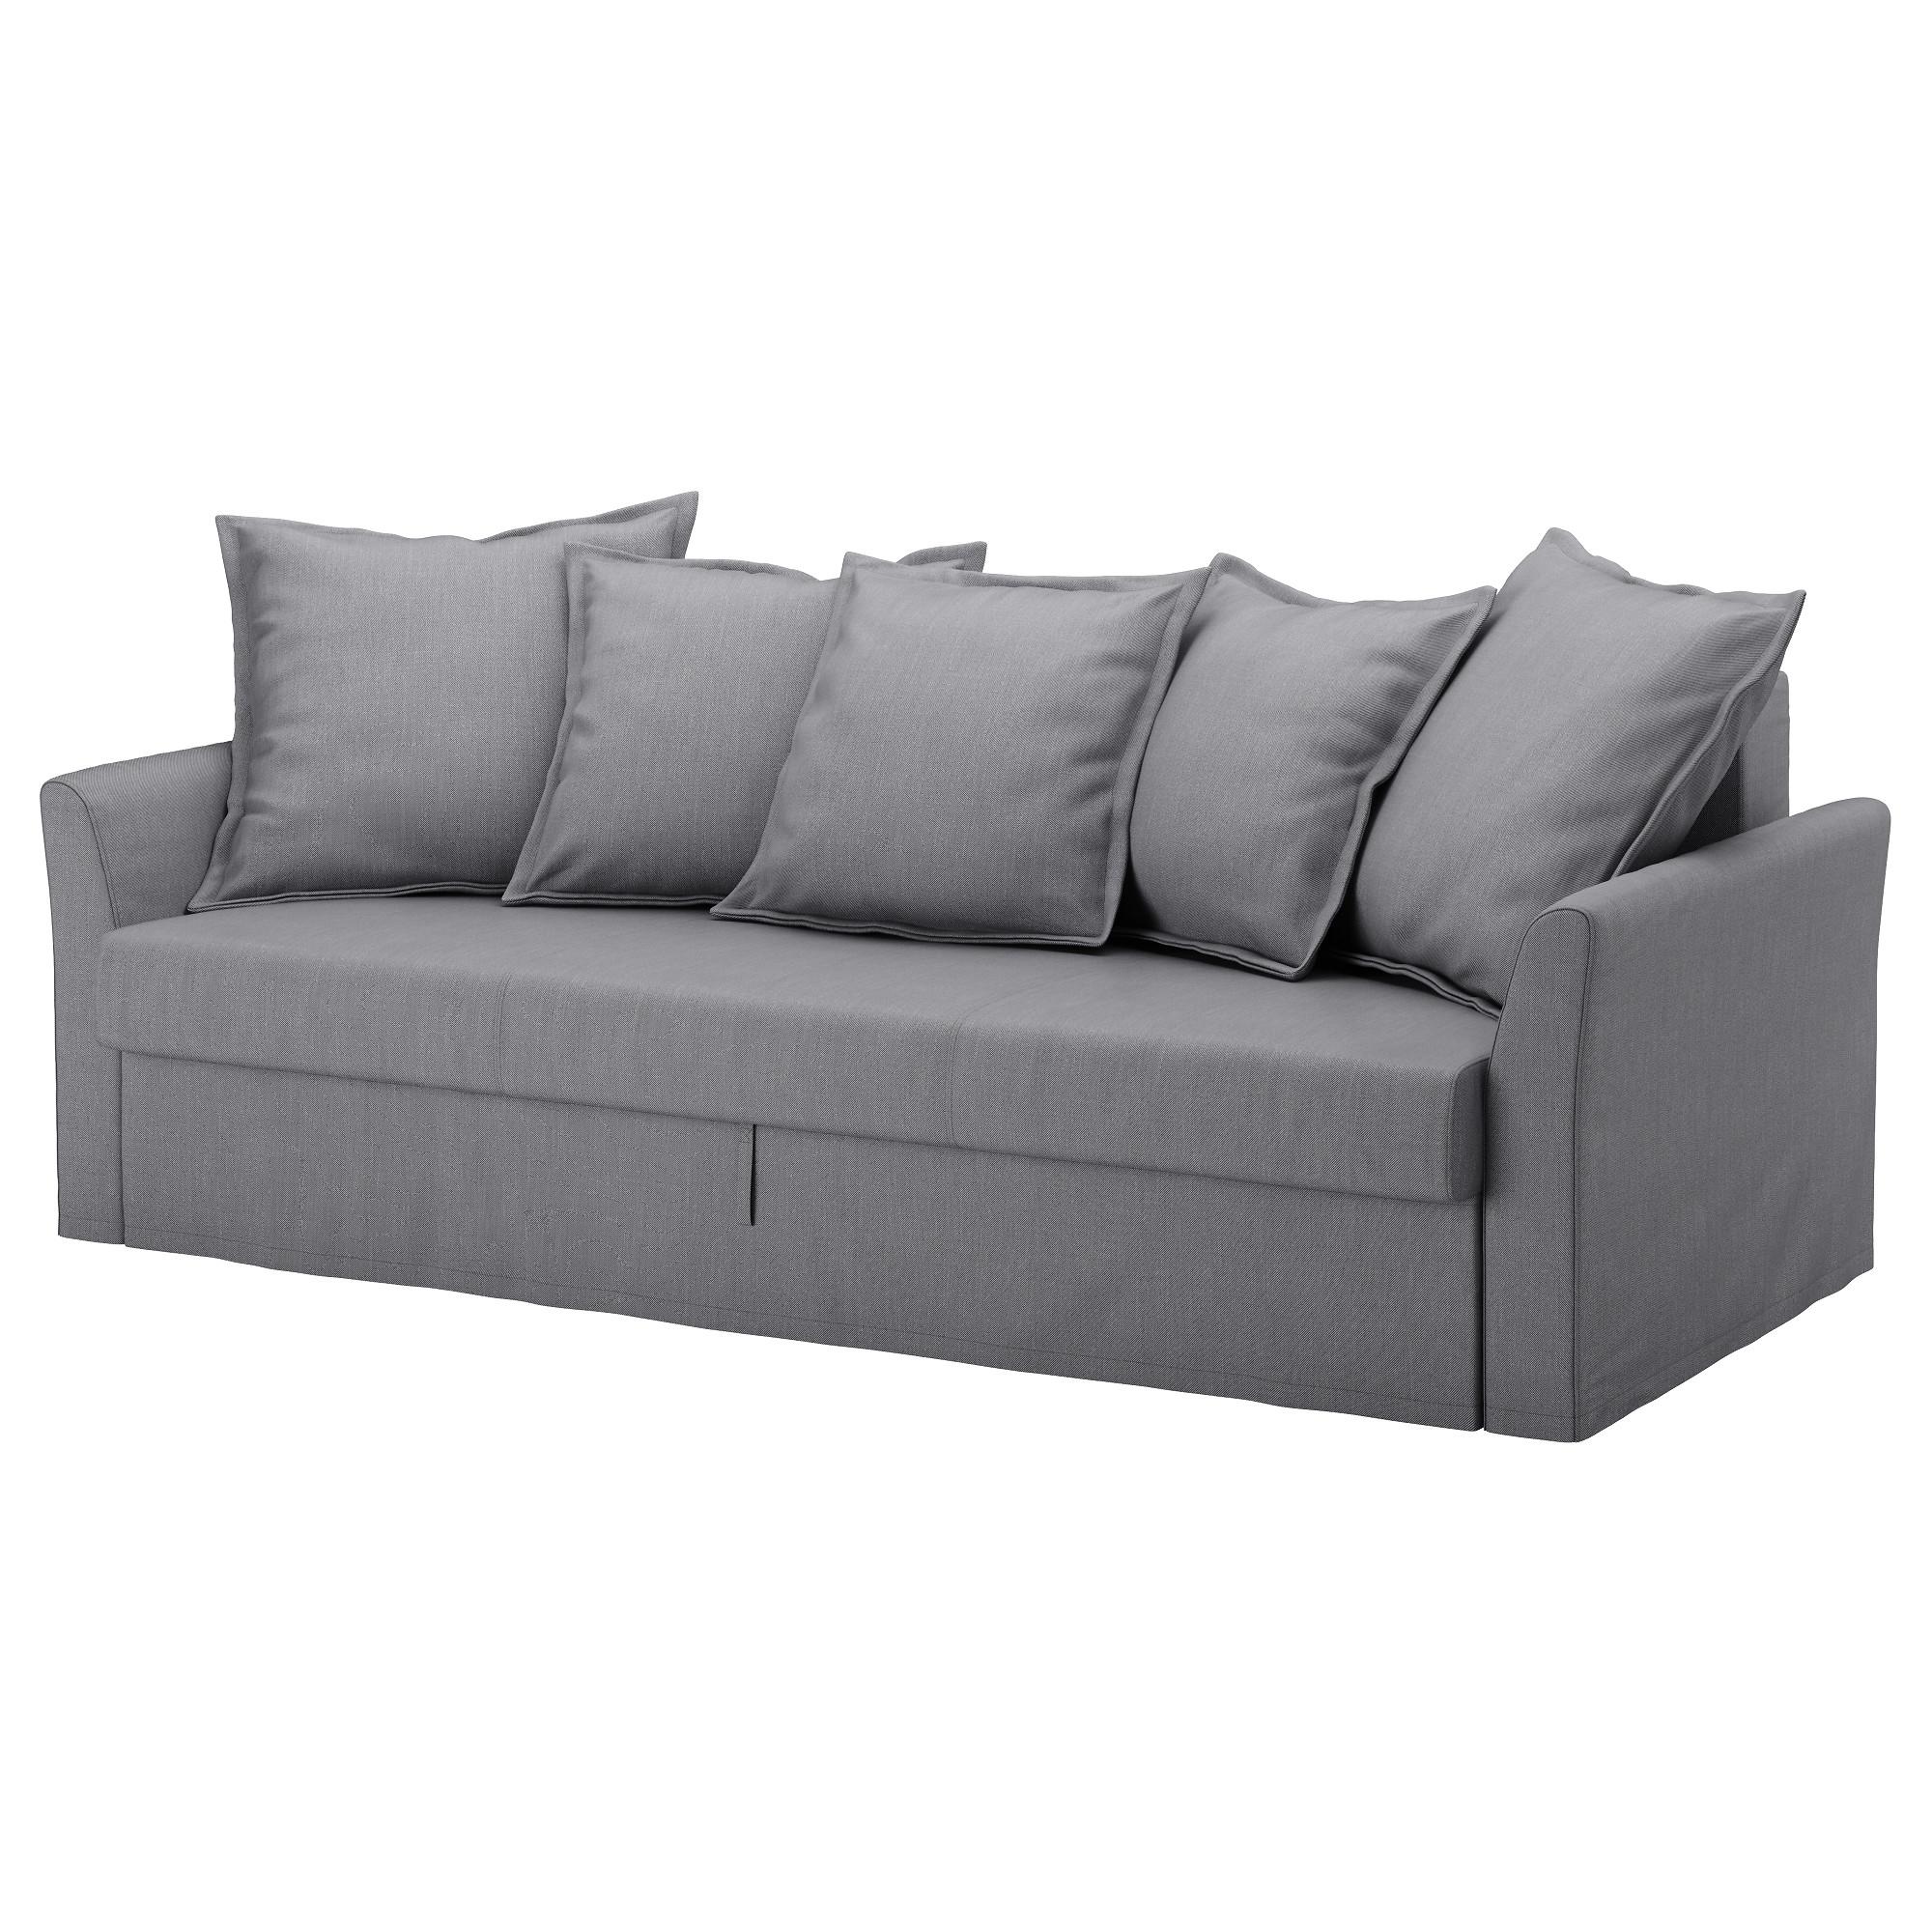 εγχώρια αγορά στη Σαγκάη μπερδεμένος IKEA χολμ ζάντερ καναπές - κρεβάτι πολυχρωματικής προαιρετικά